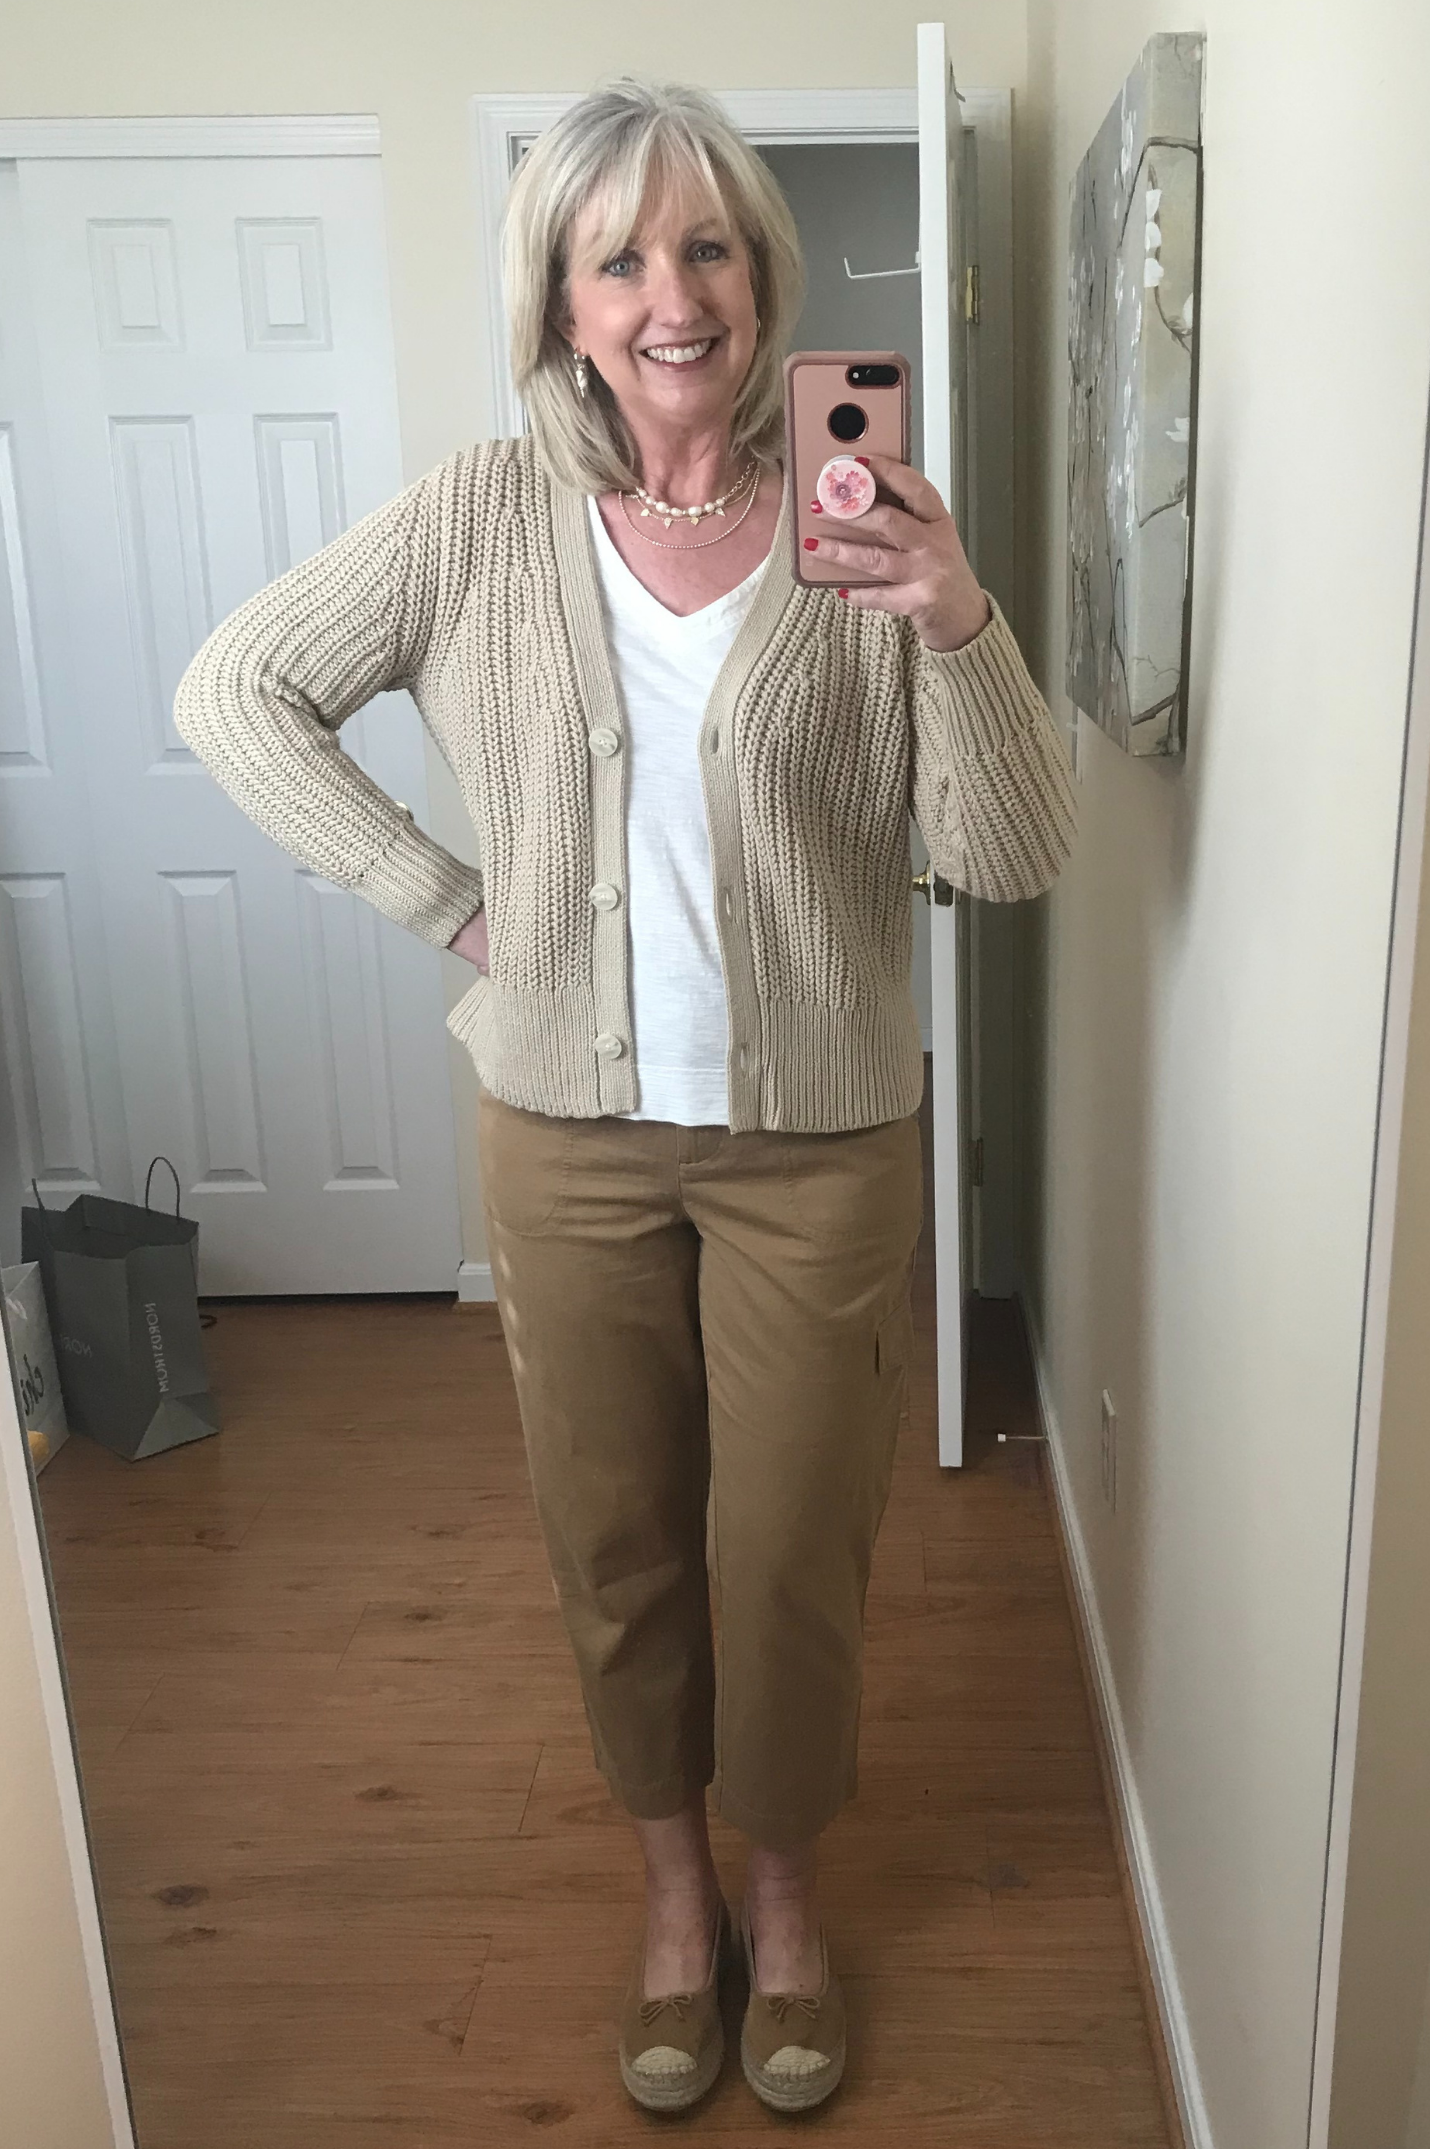 How I Dressed for Thursday